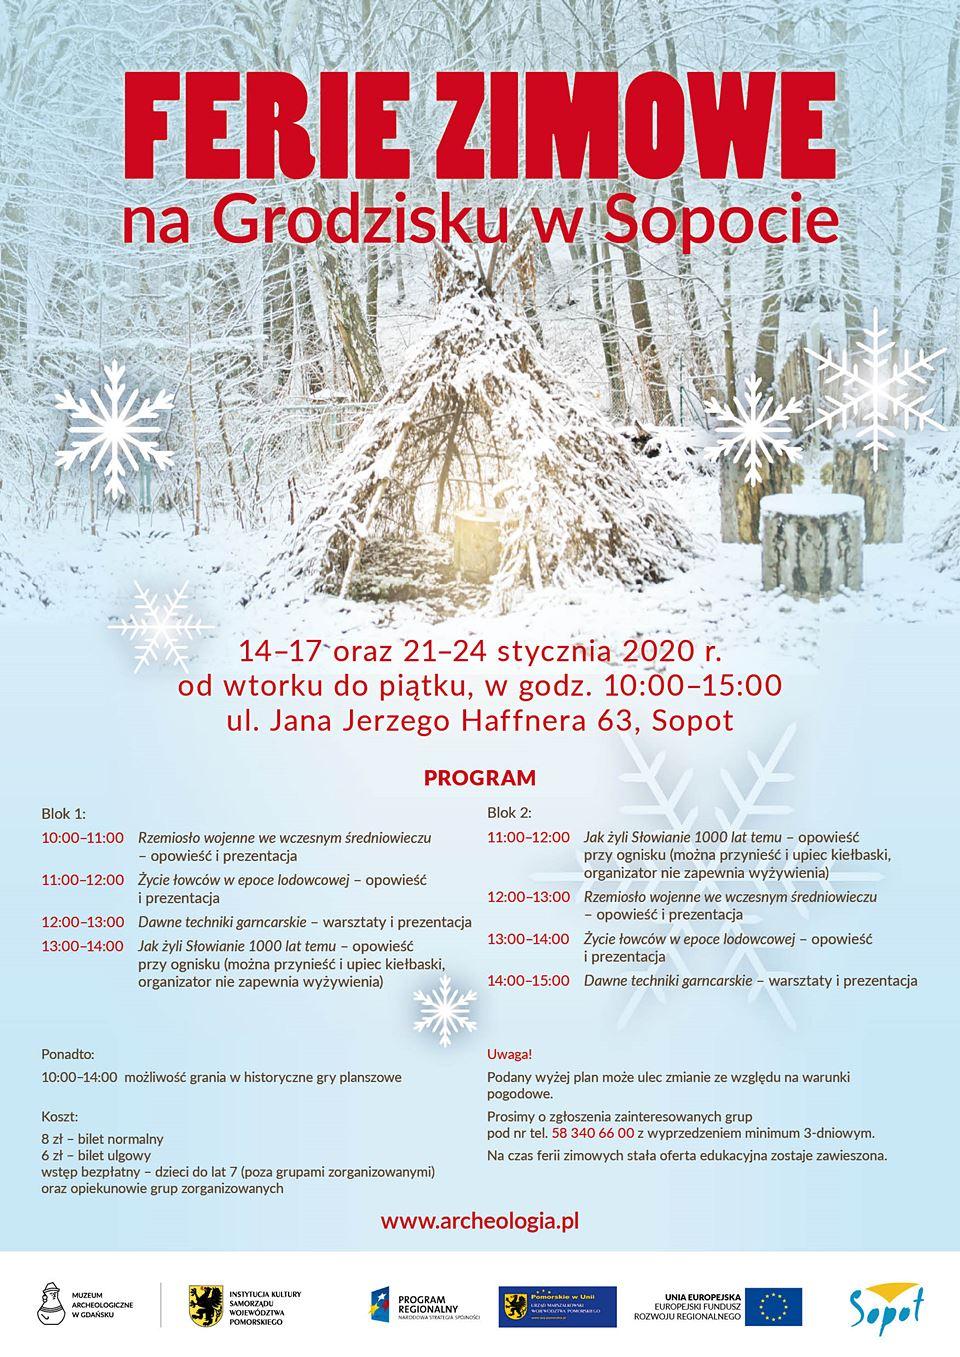 Ferie zimowe 2020 na Grodzisku w Sopocie - plakat